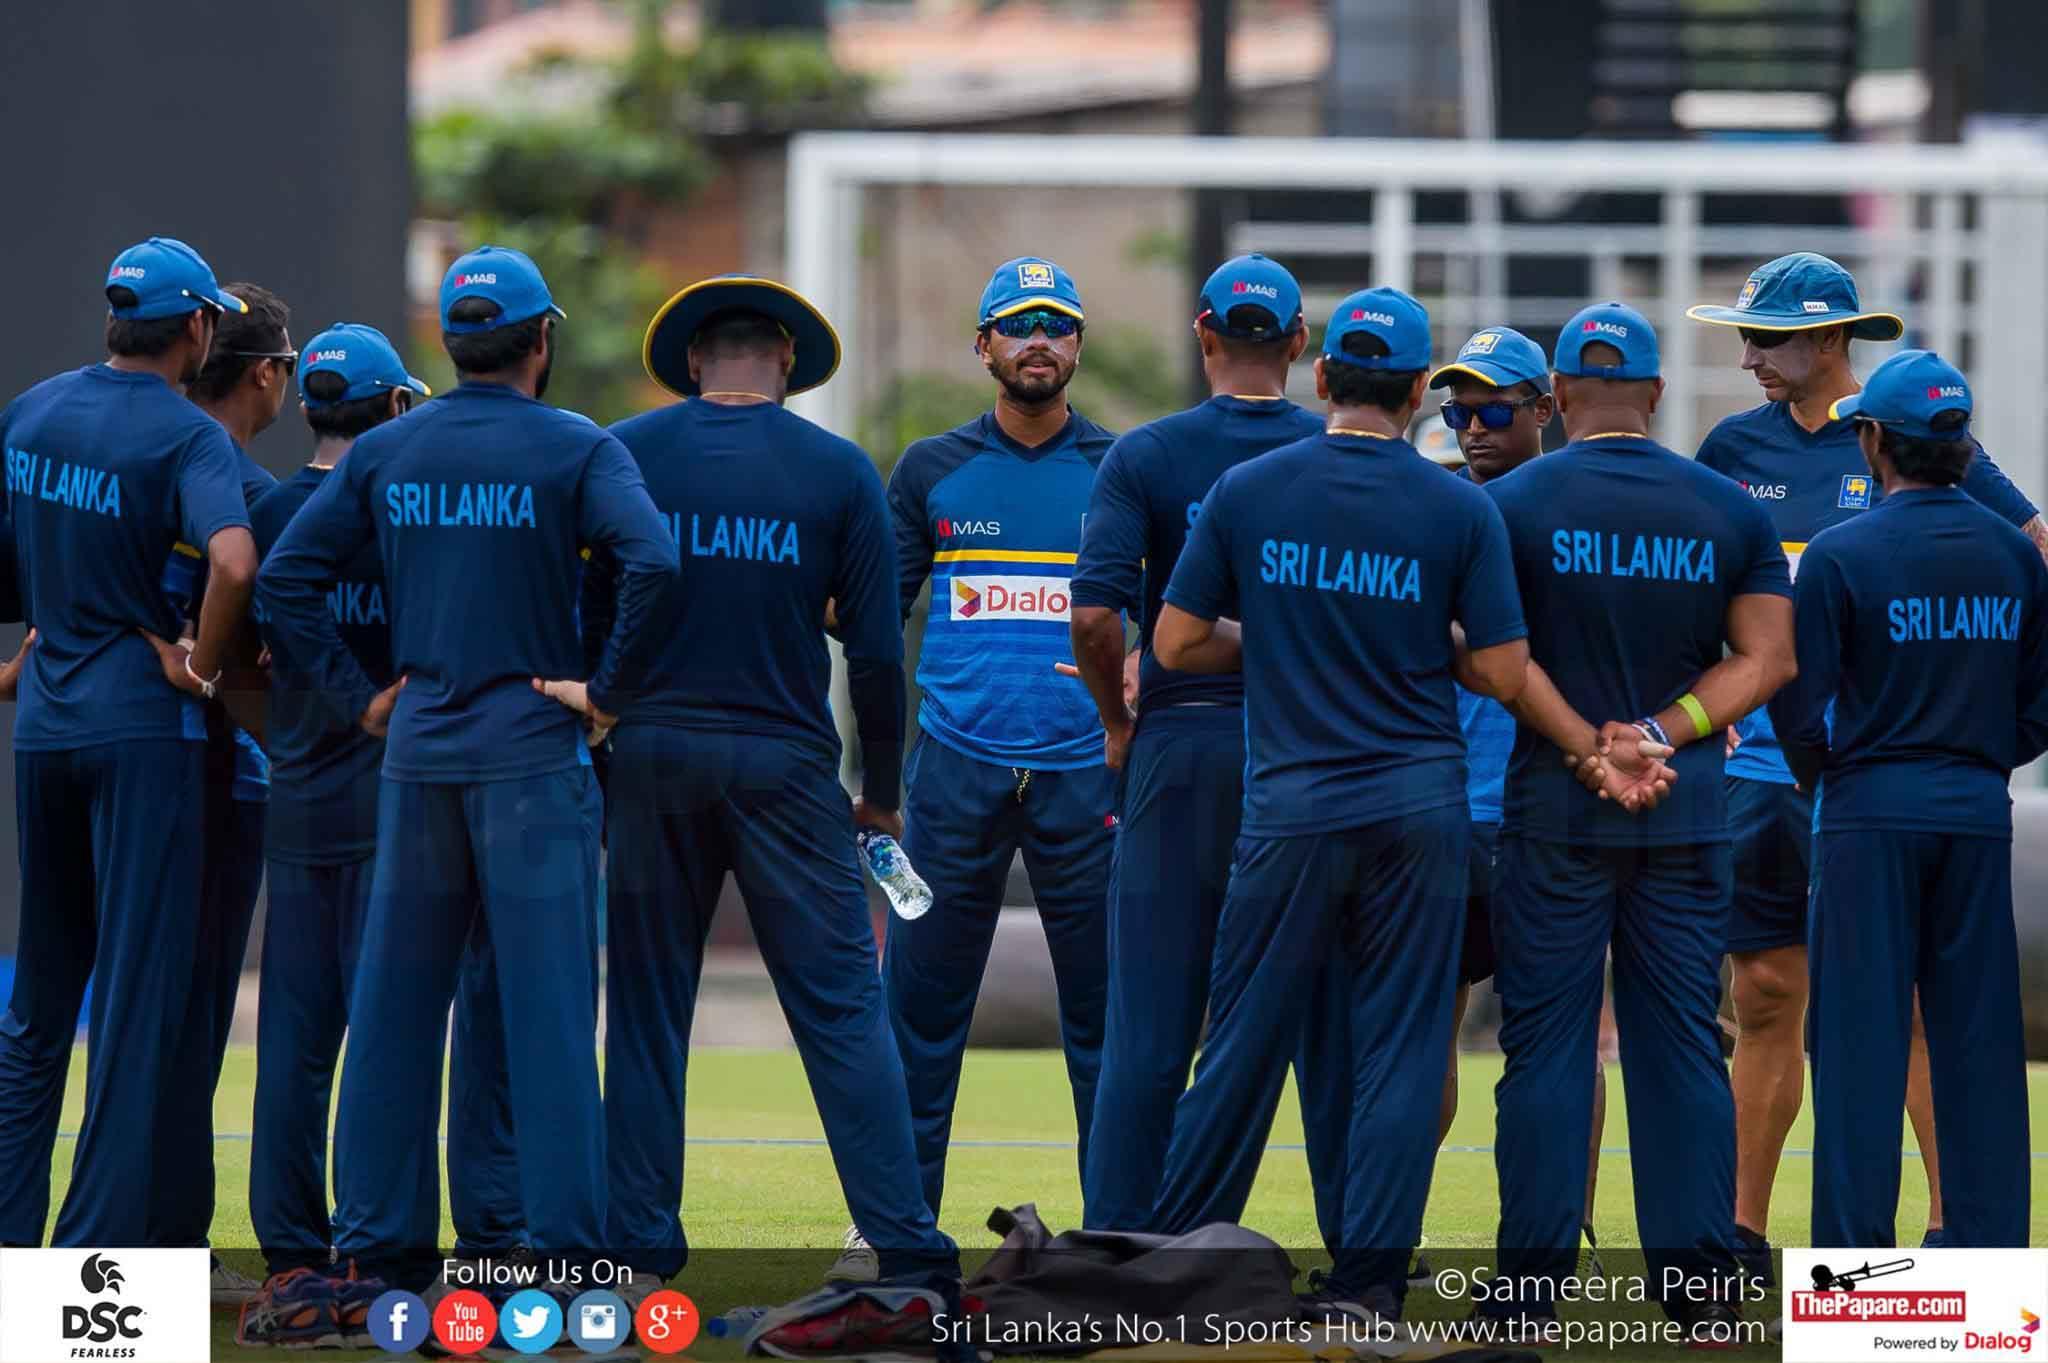 Sri Lanka Team Practices ahead of Zimbabwe Test